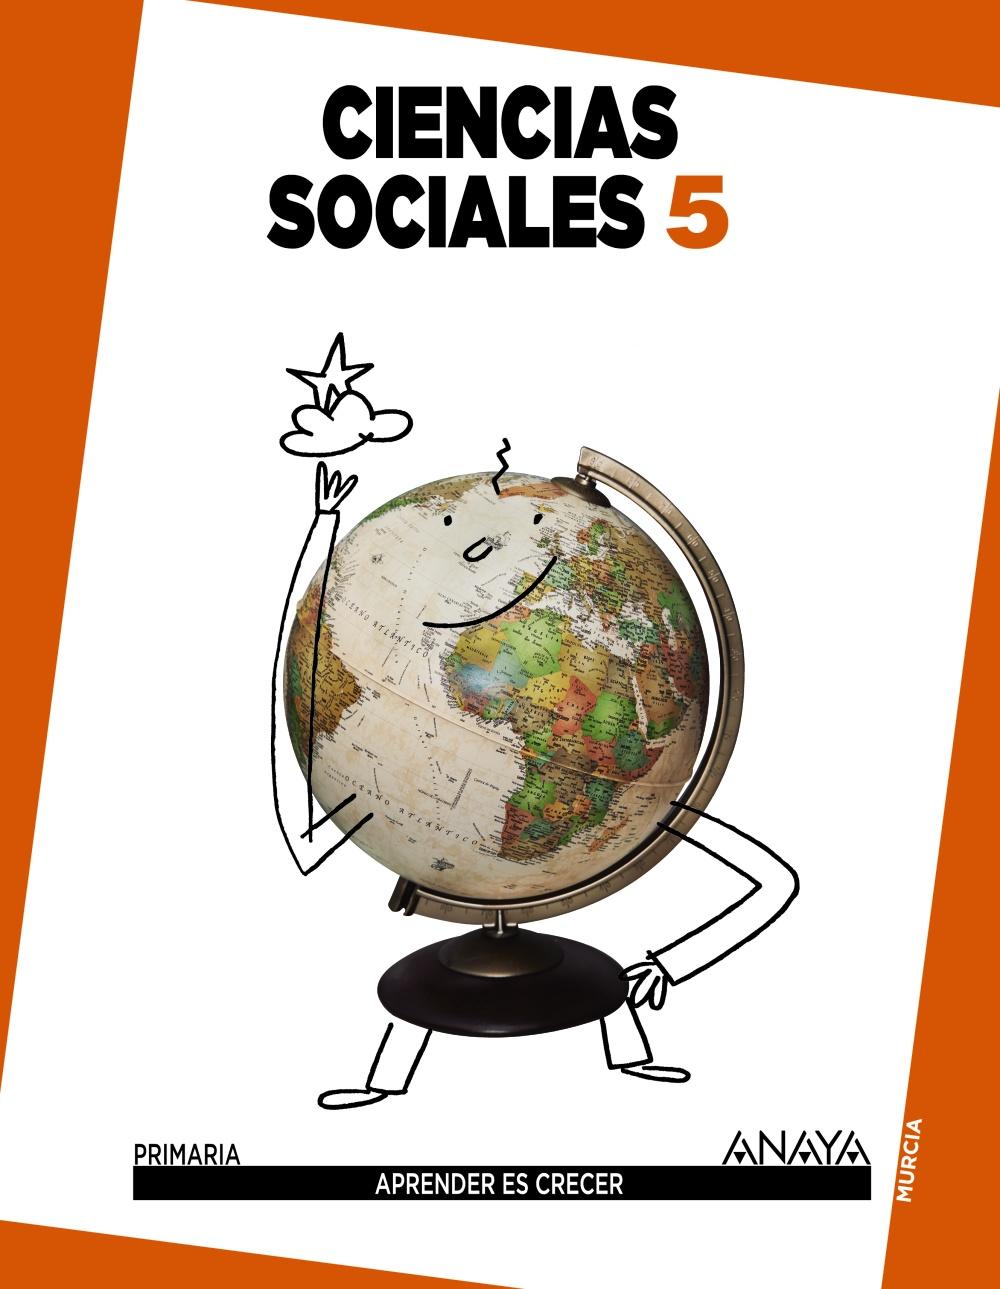 CIENCIAS SOCIALES 5.